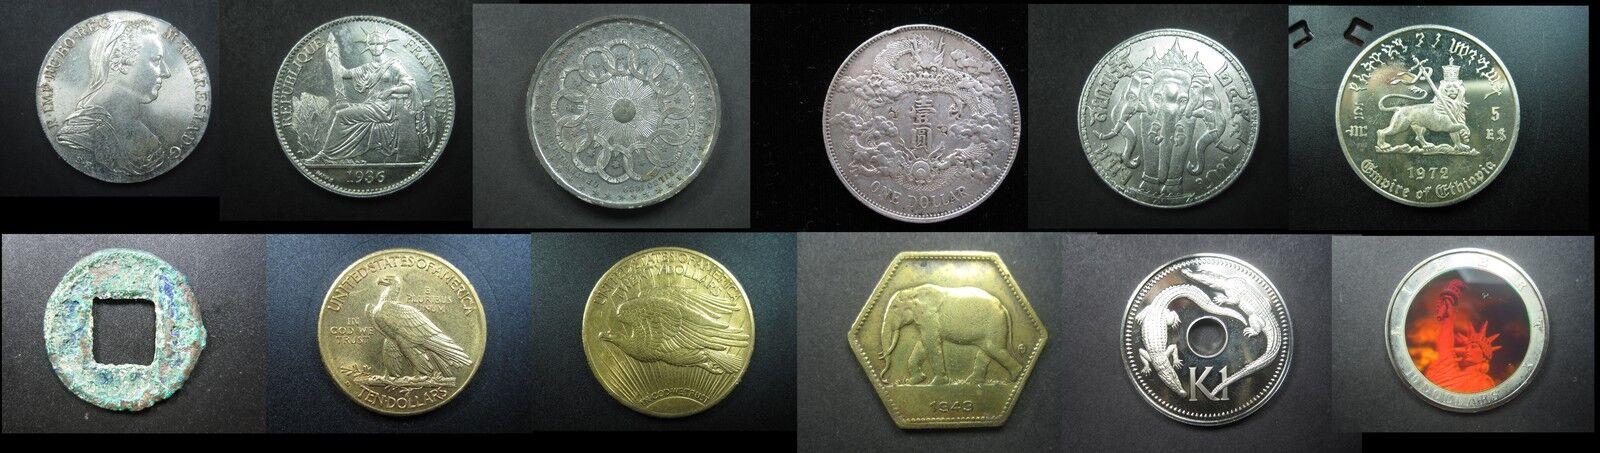 coins800